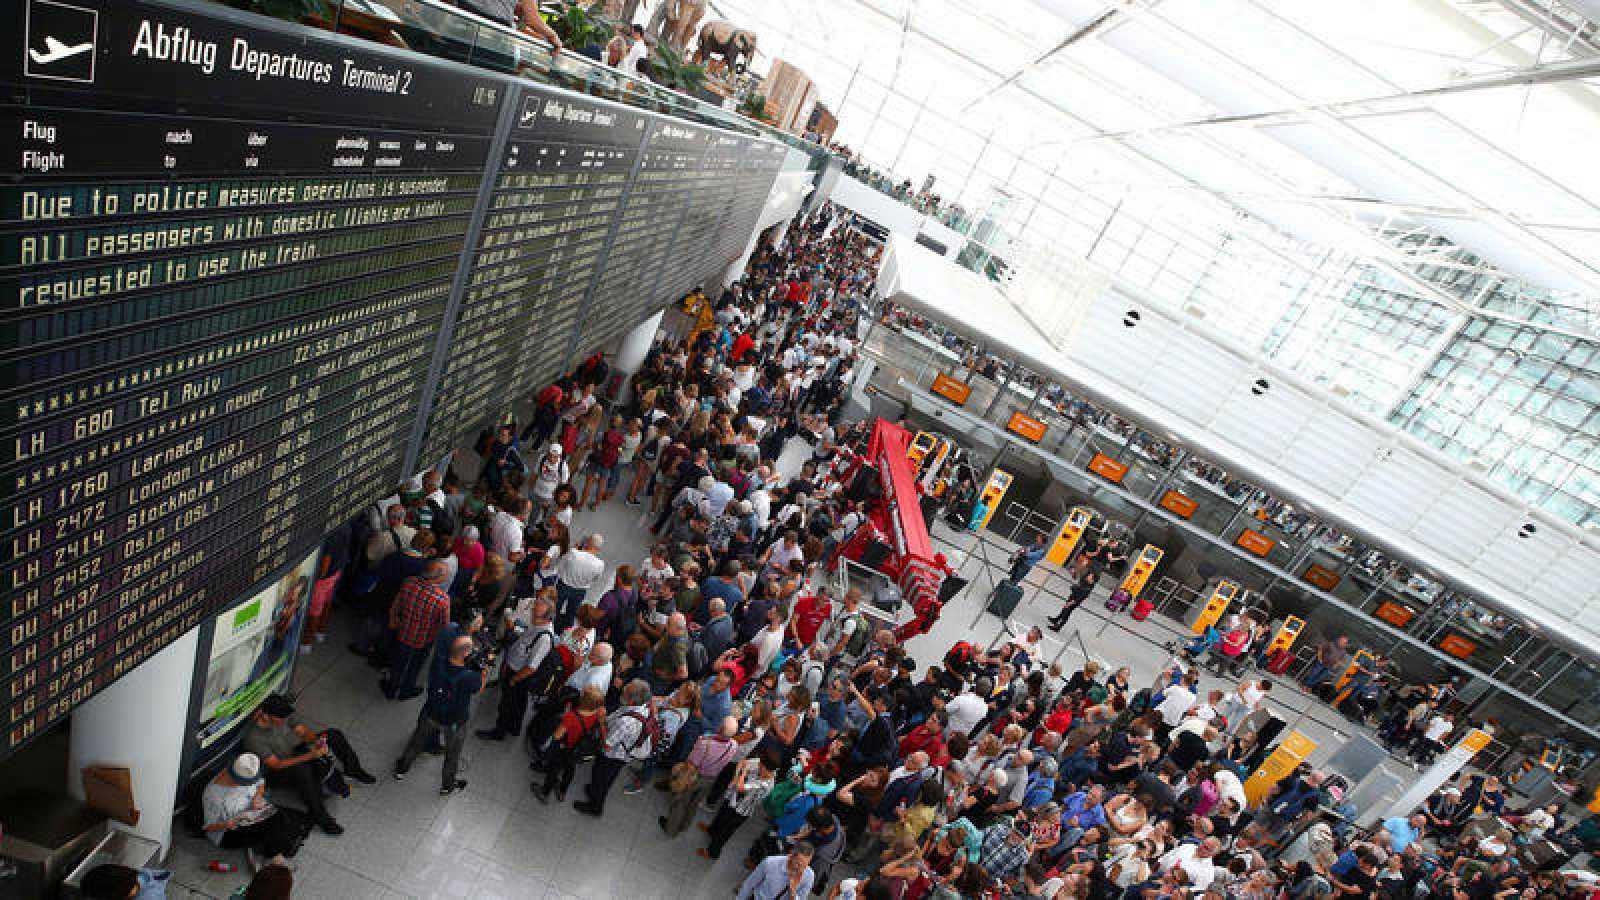 Cancelados 130 vuelos en Munich tras una falsa alarma provocada por un joven español